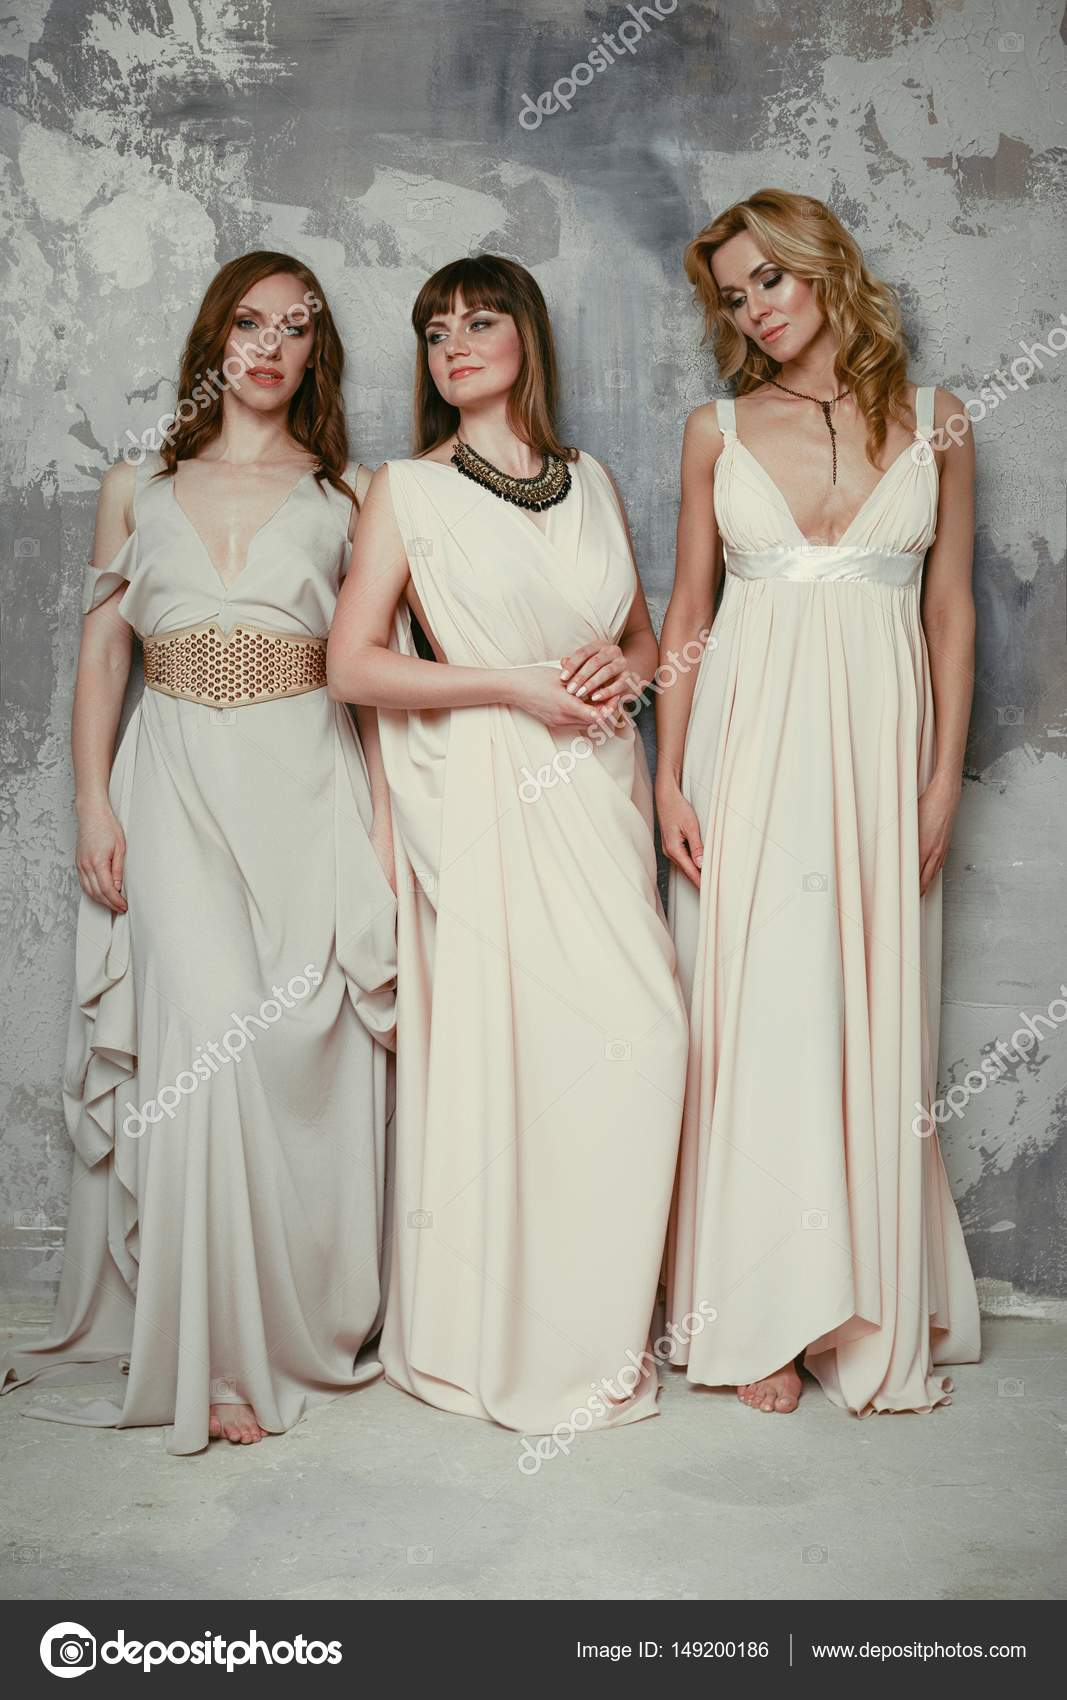 griekse stijl jurken